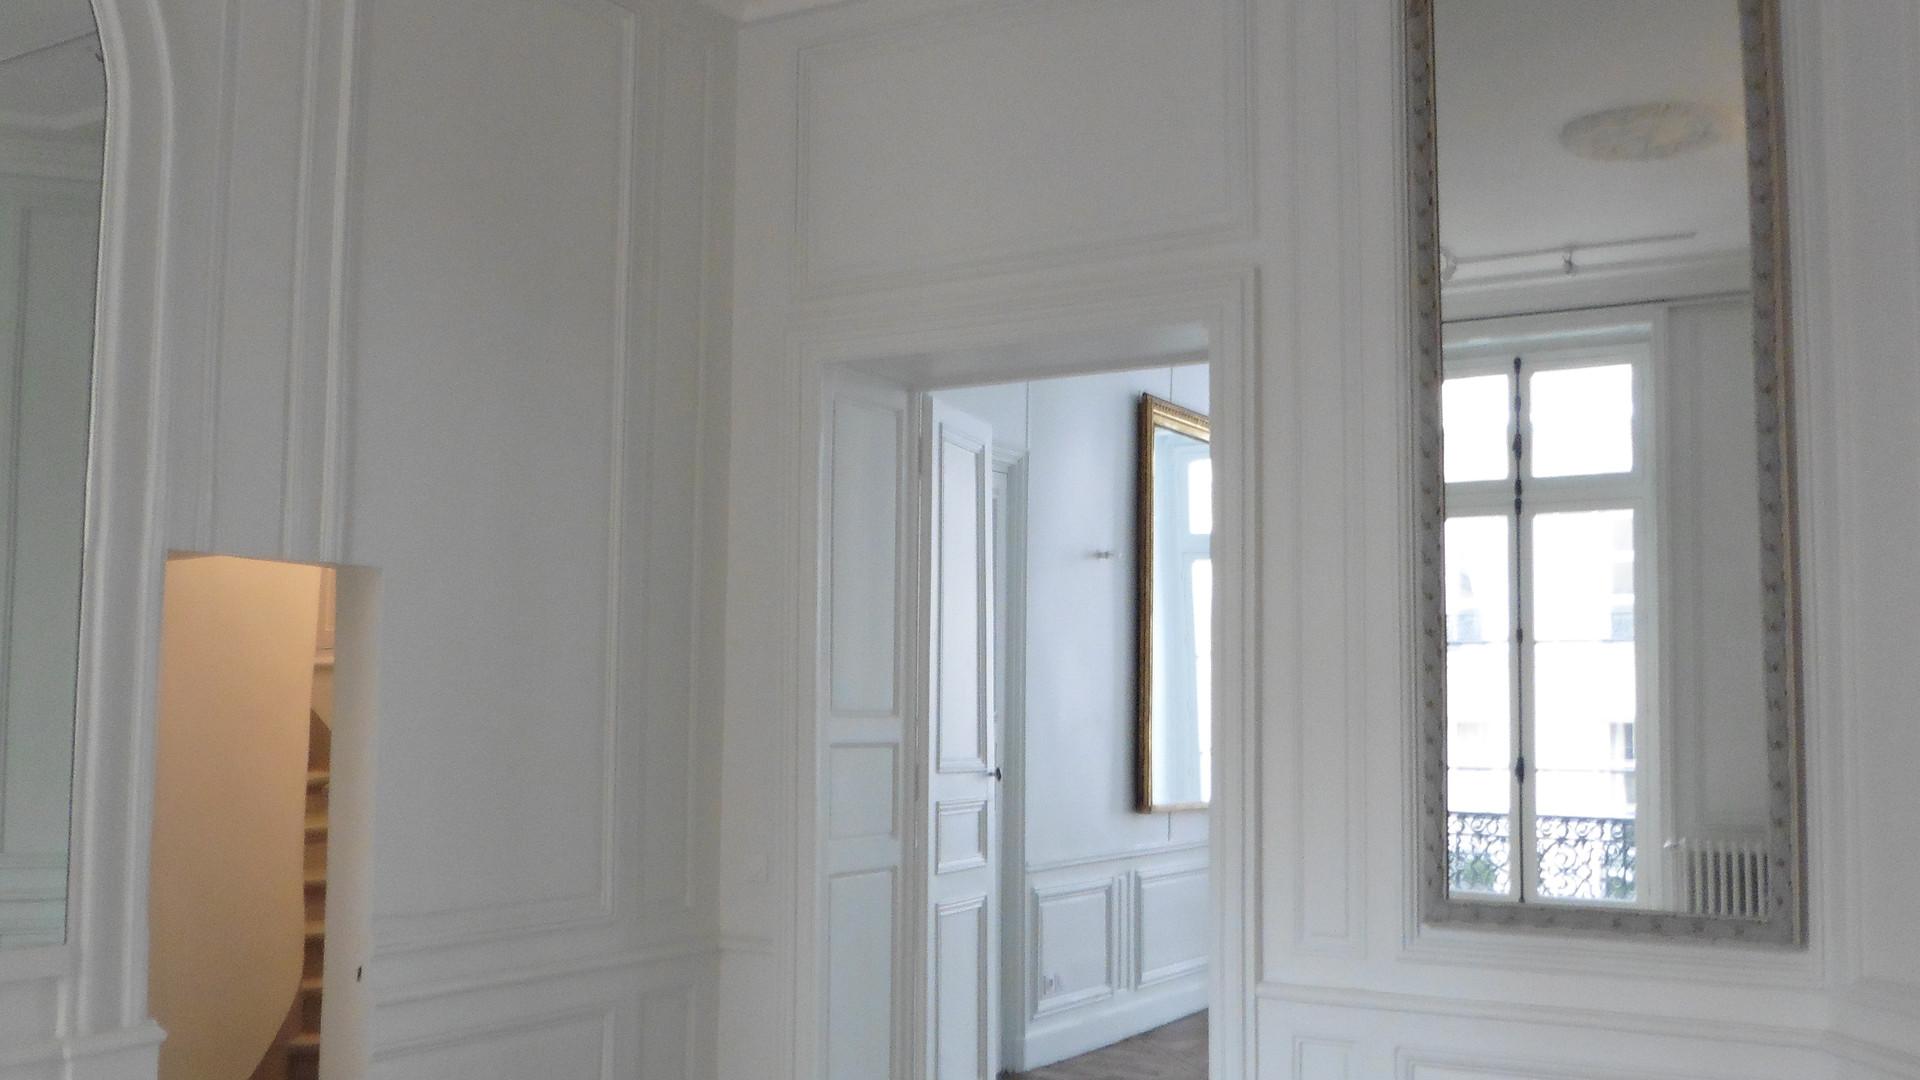 L'entrée, jeux des perspectives, grâce aux miroirs placés stratégiquement